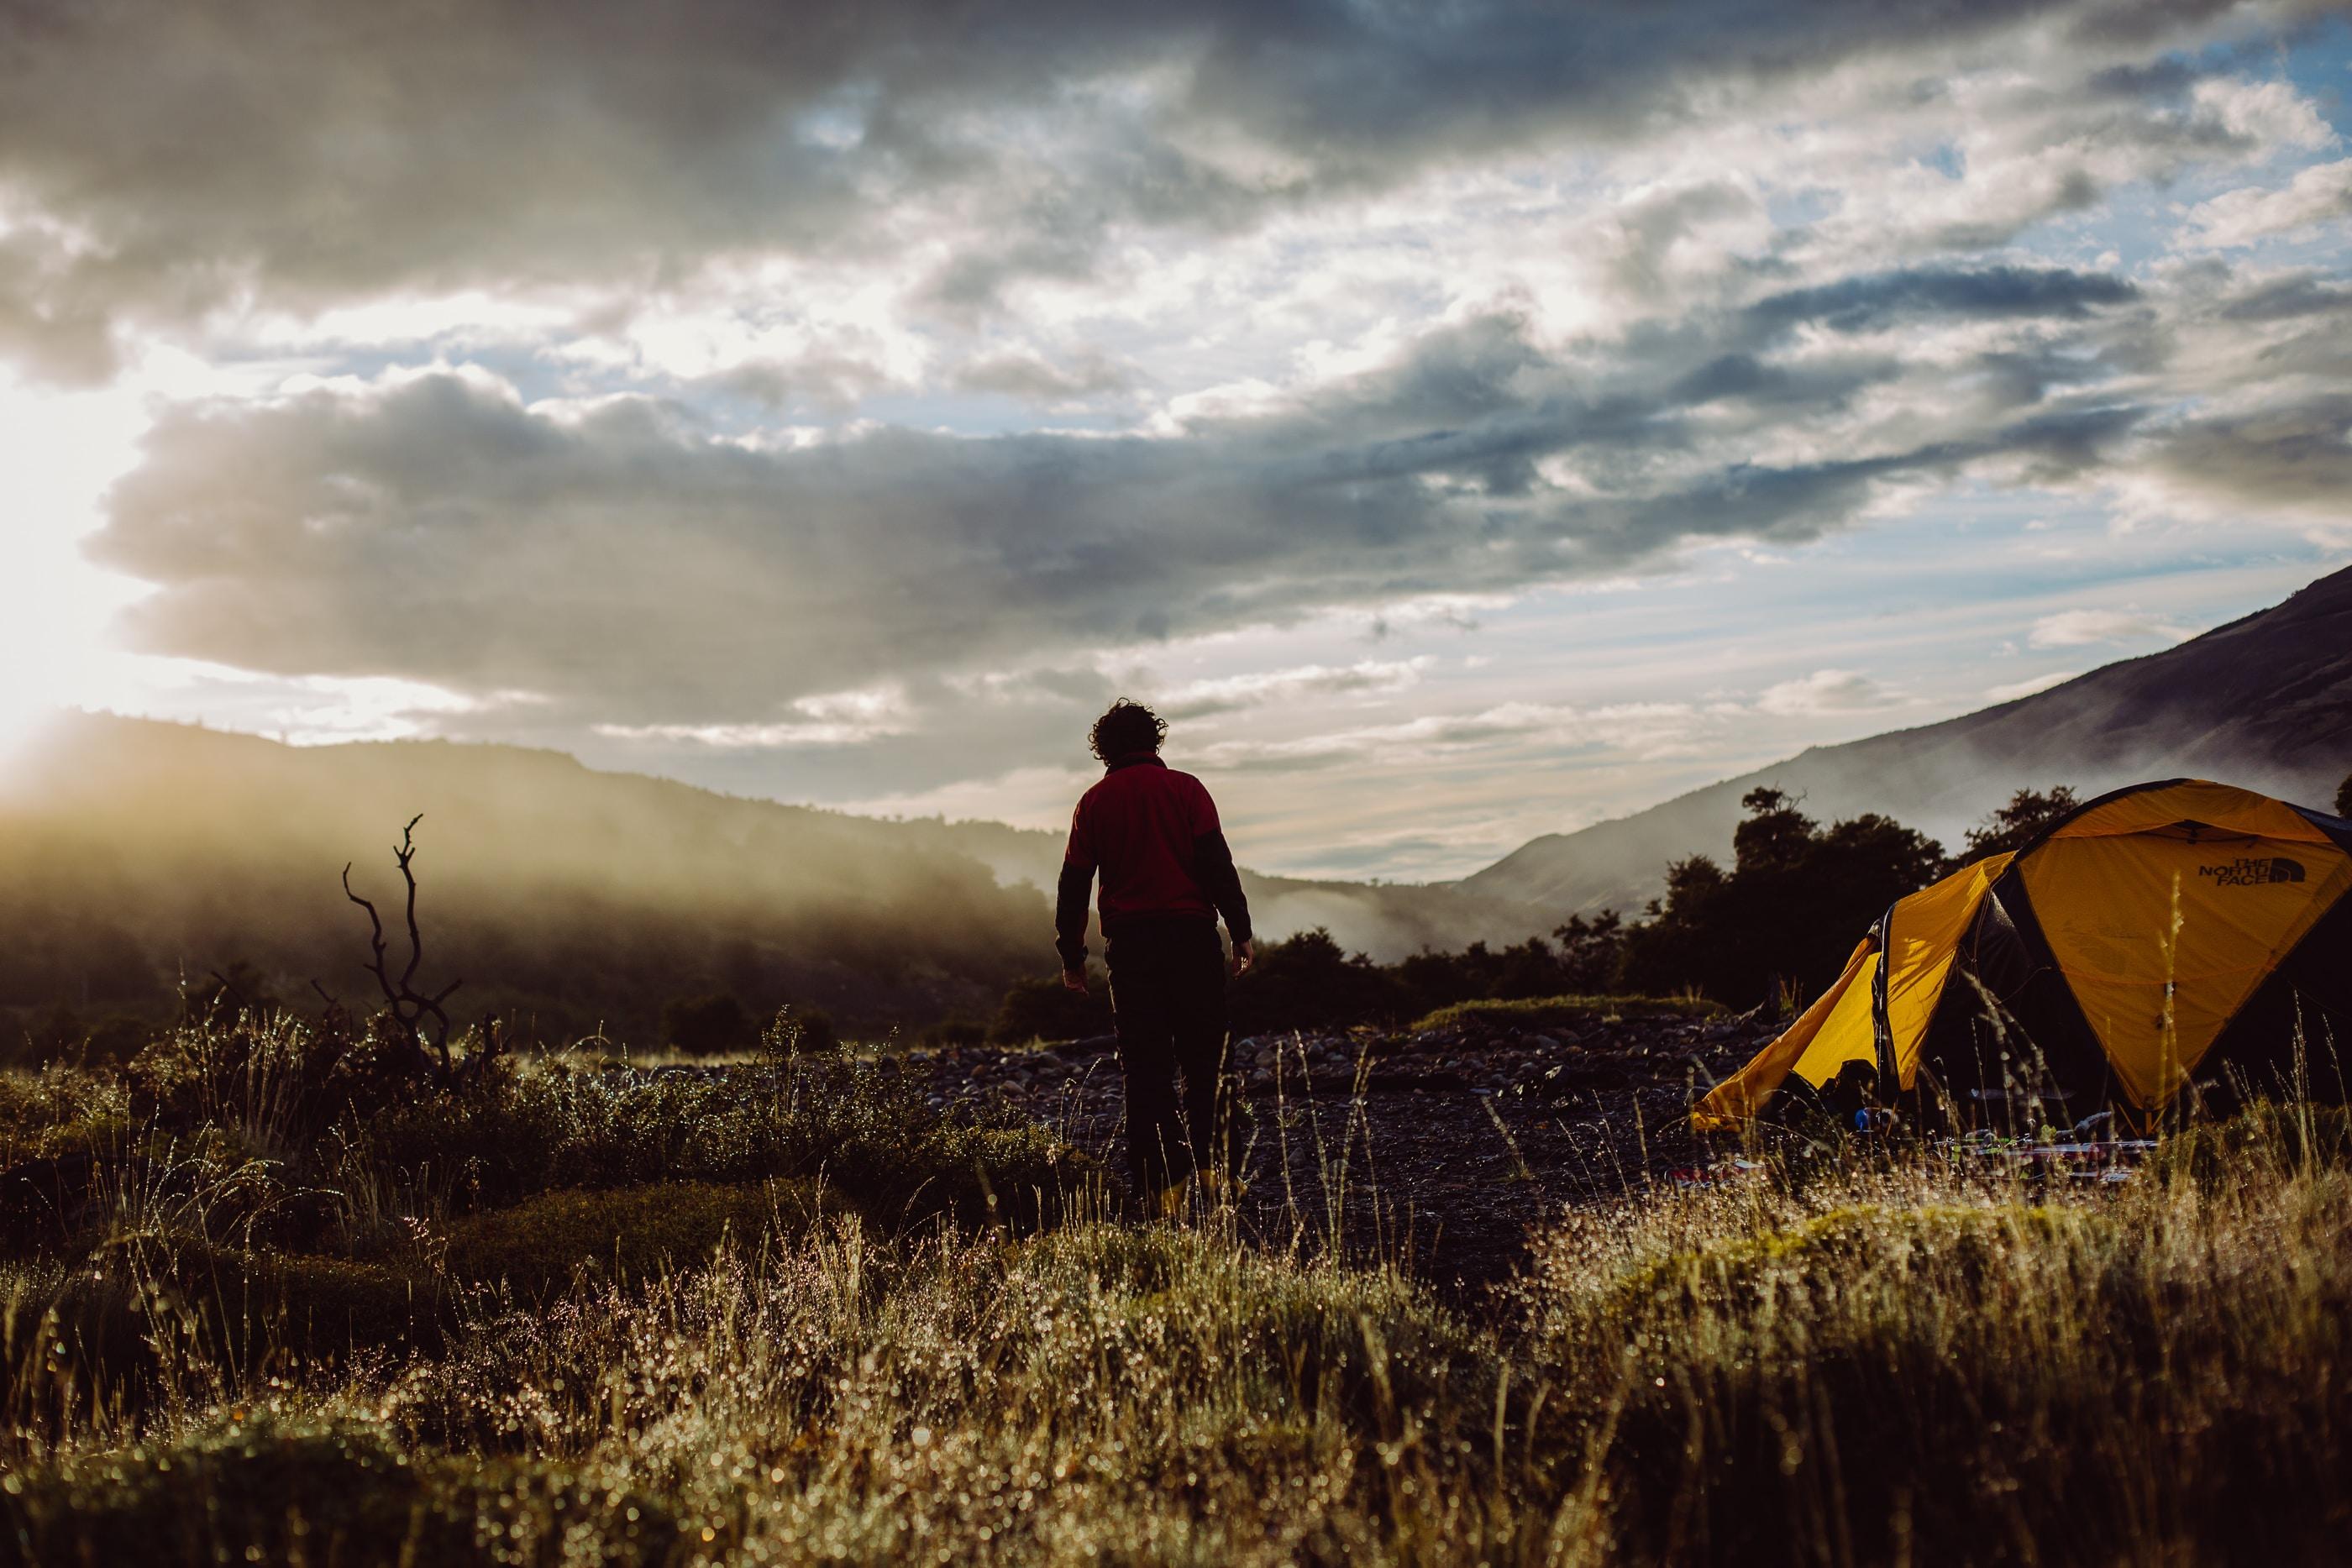 person walking near tent on green field